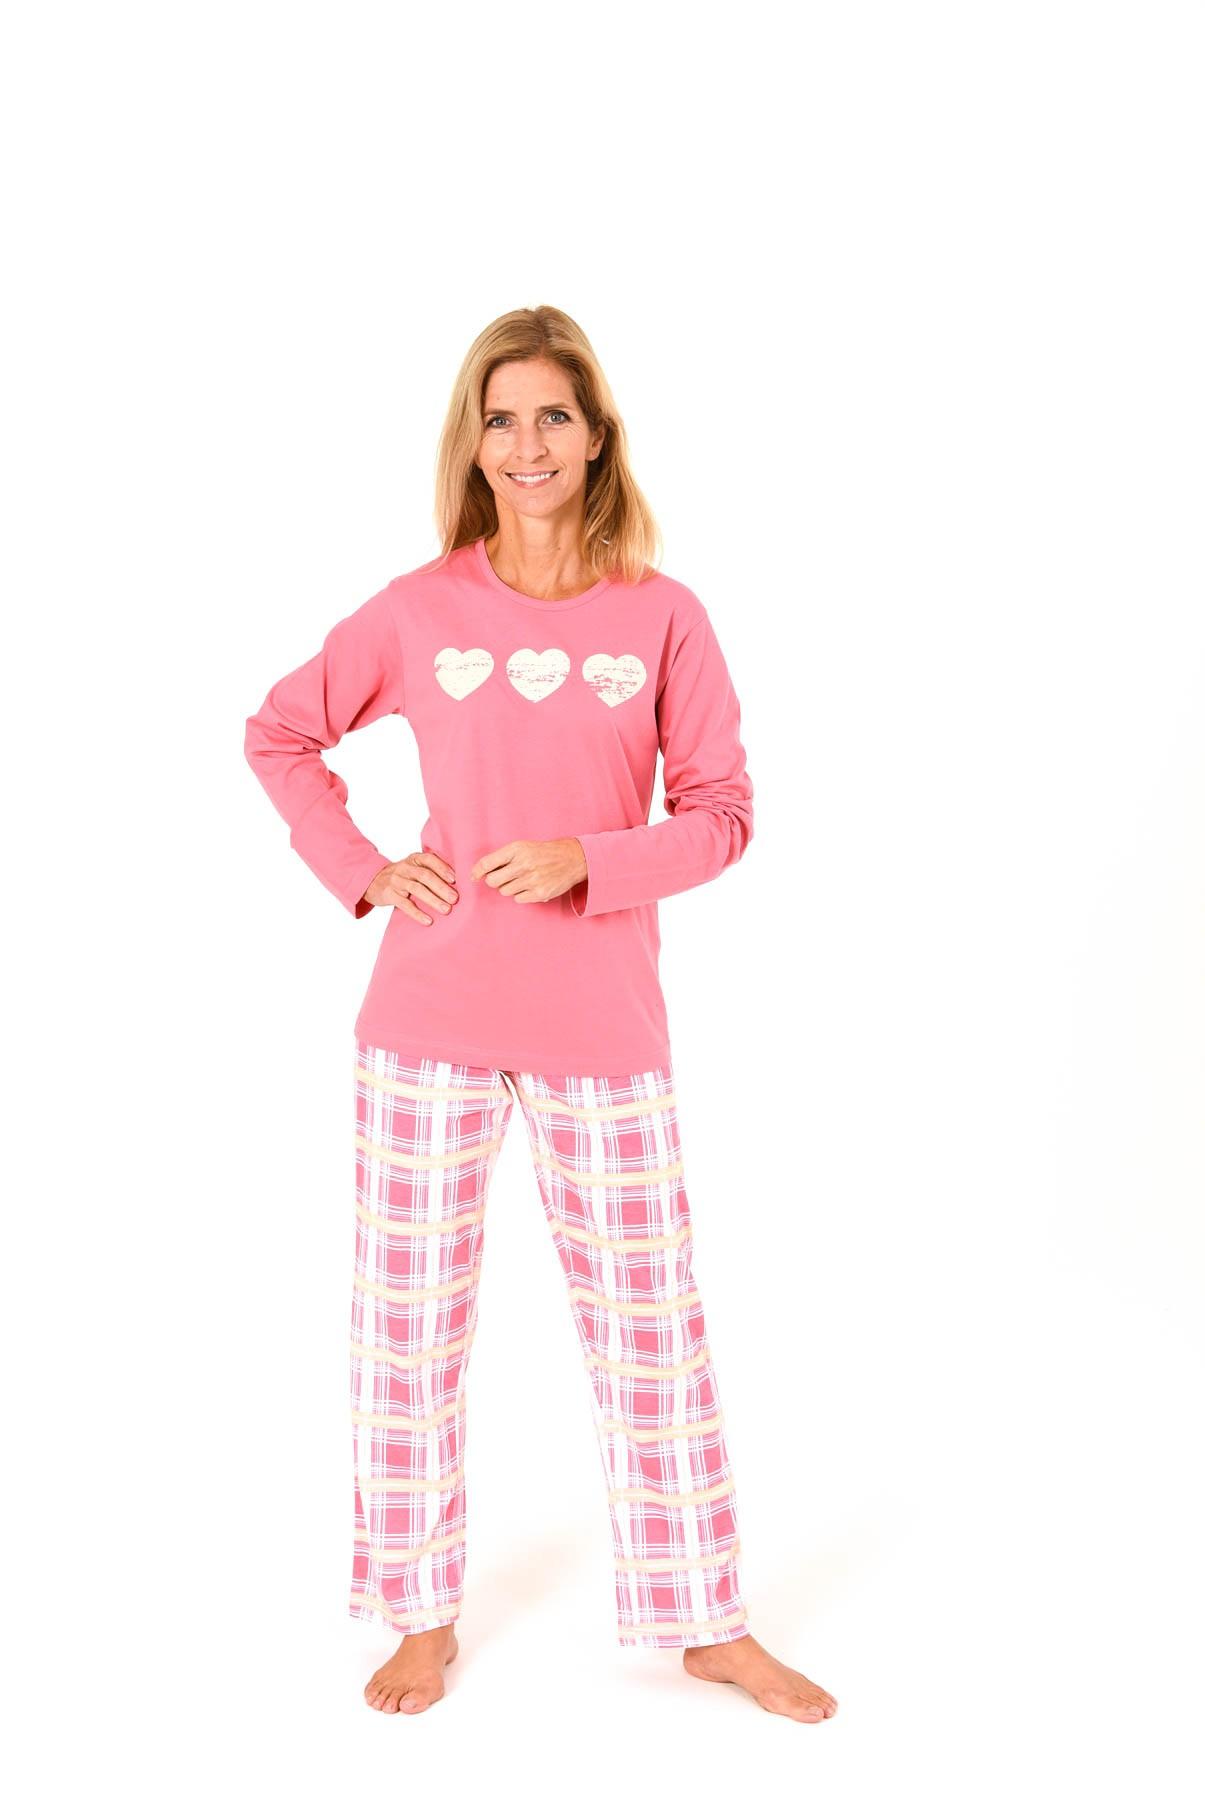 Damen Pyjama lang mit karierter Hose und Herz Motiv - 58407 001